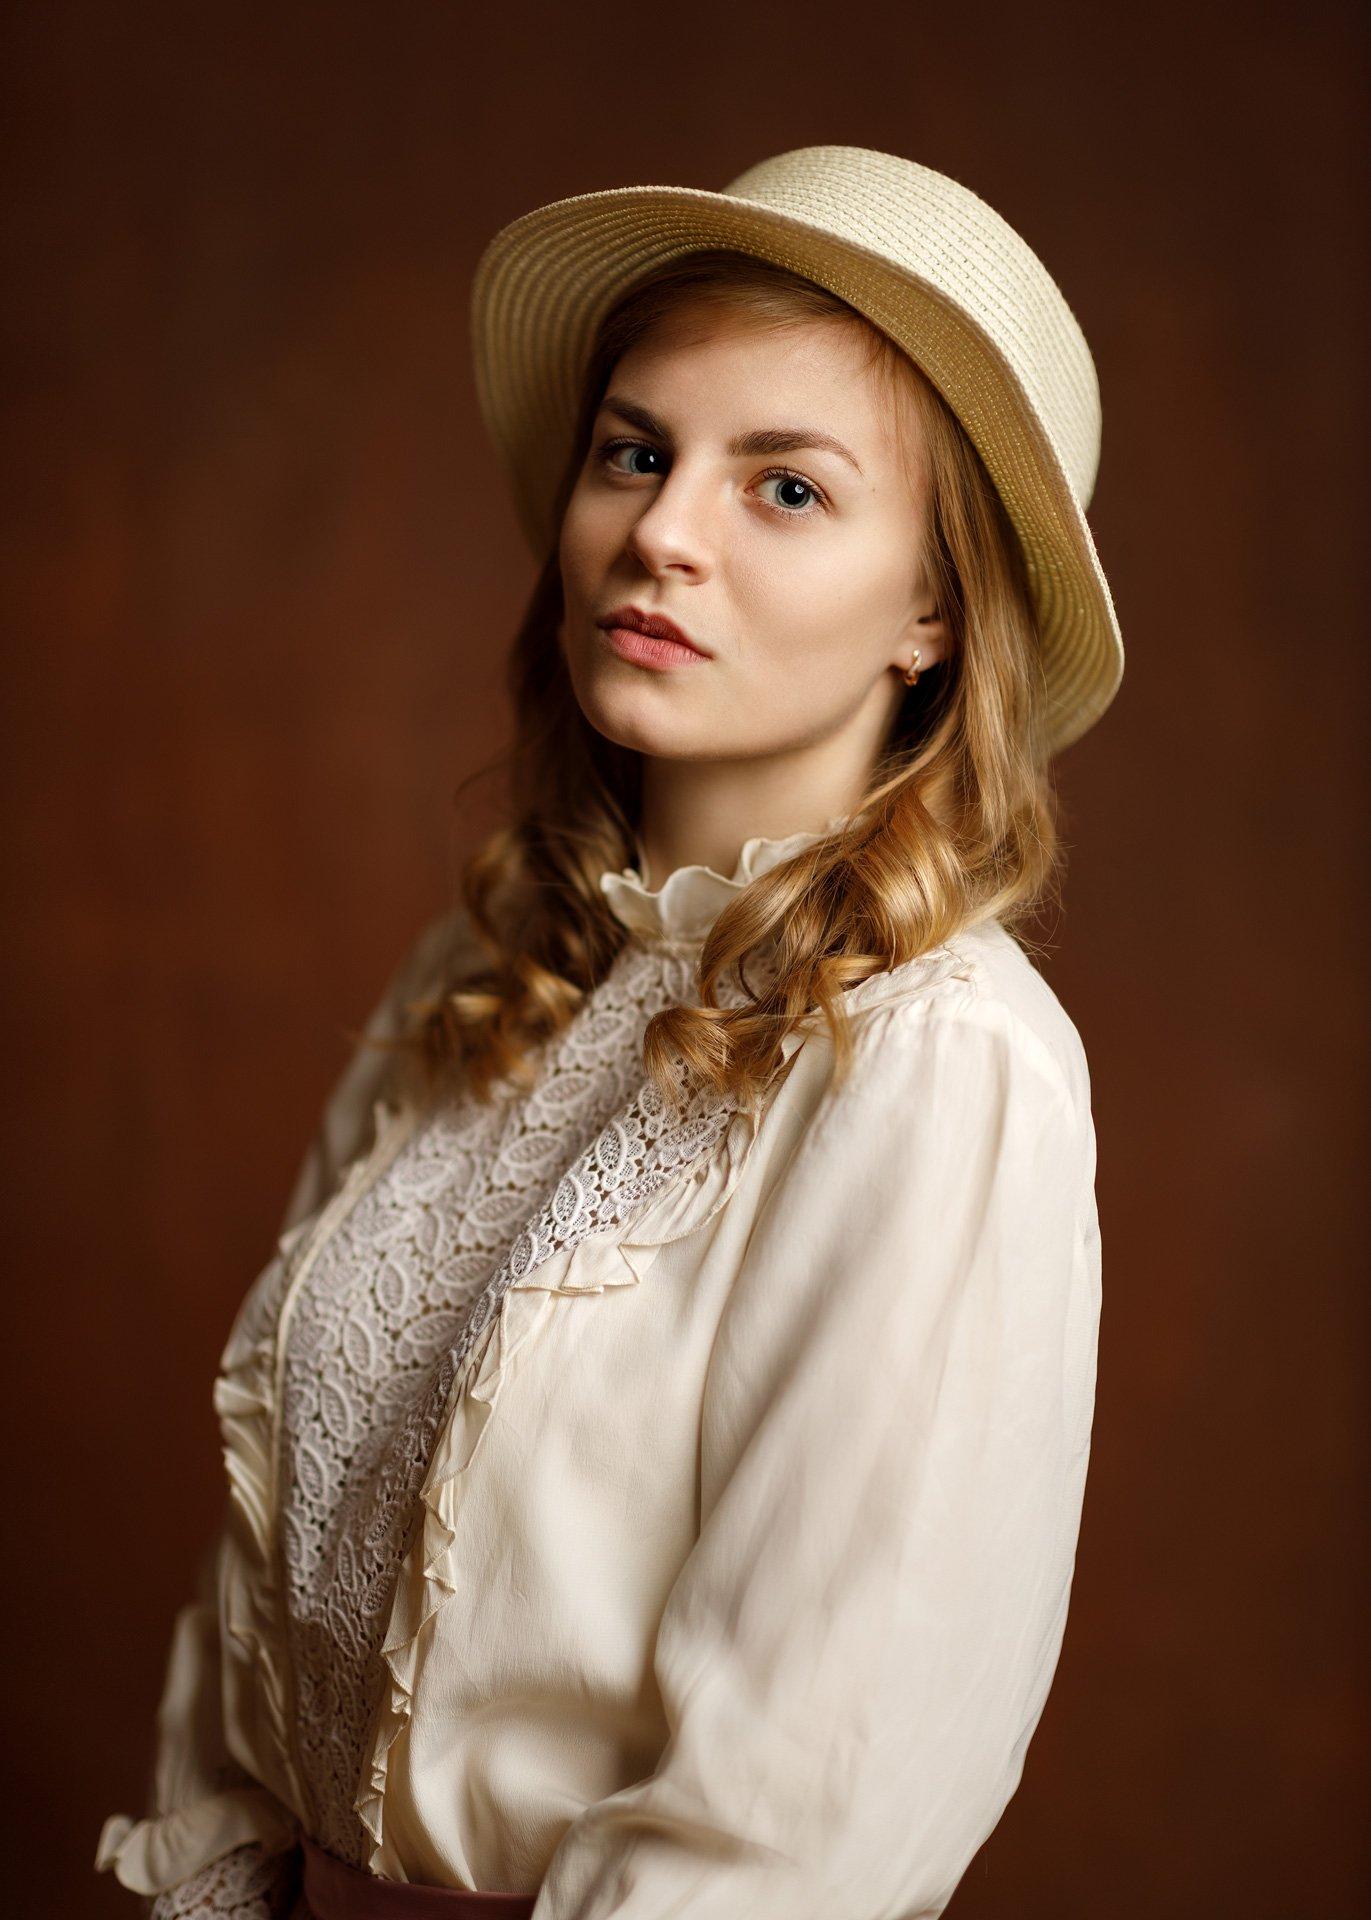 девушка взгляд портрет студия шляпка, Сергеева Ксения